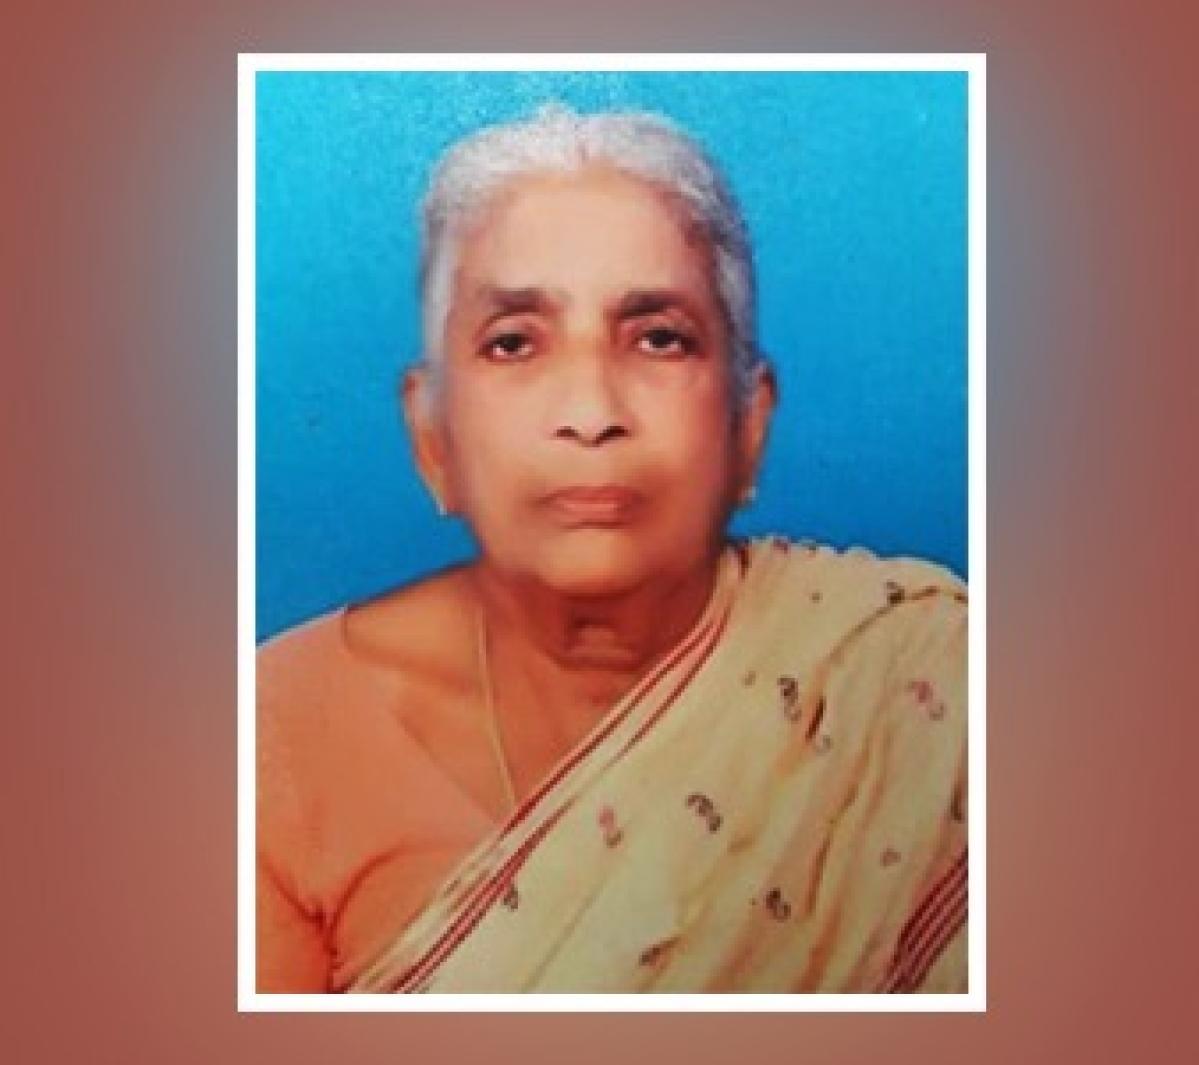 கொலை செய்யப்பட்ட மூதாட்டி சரோஜா